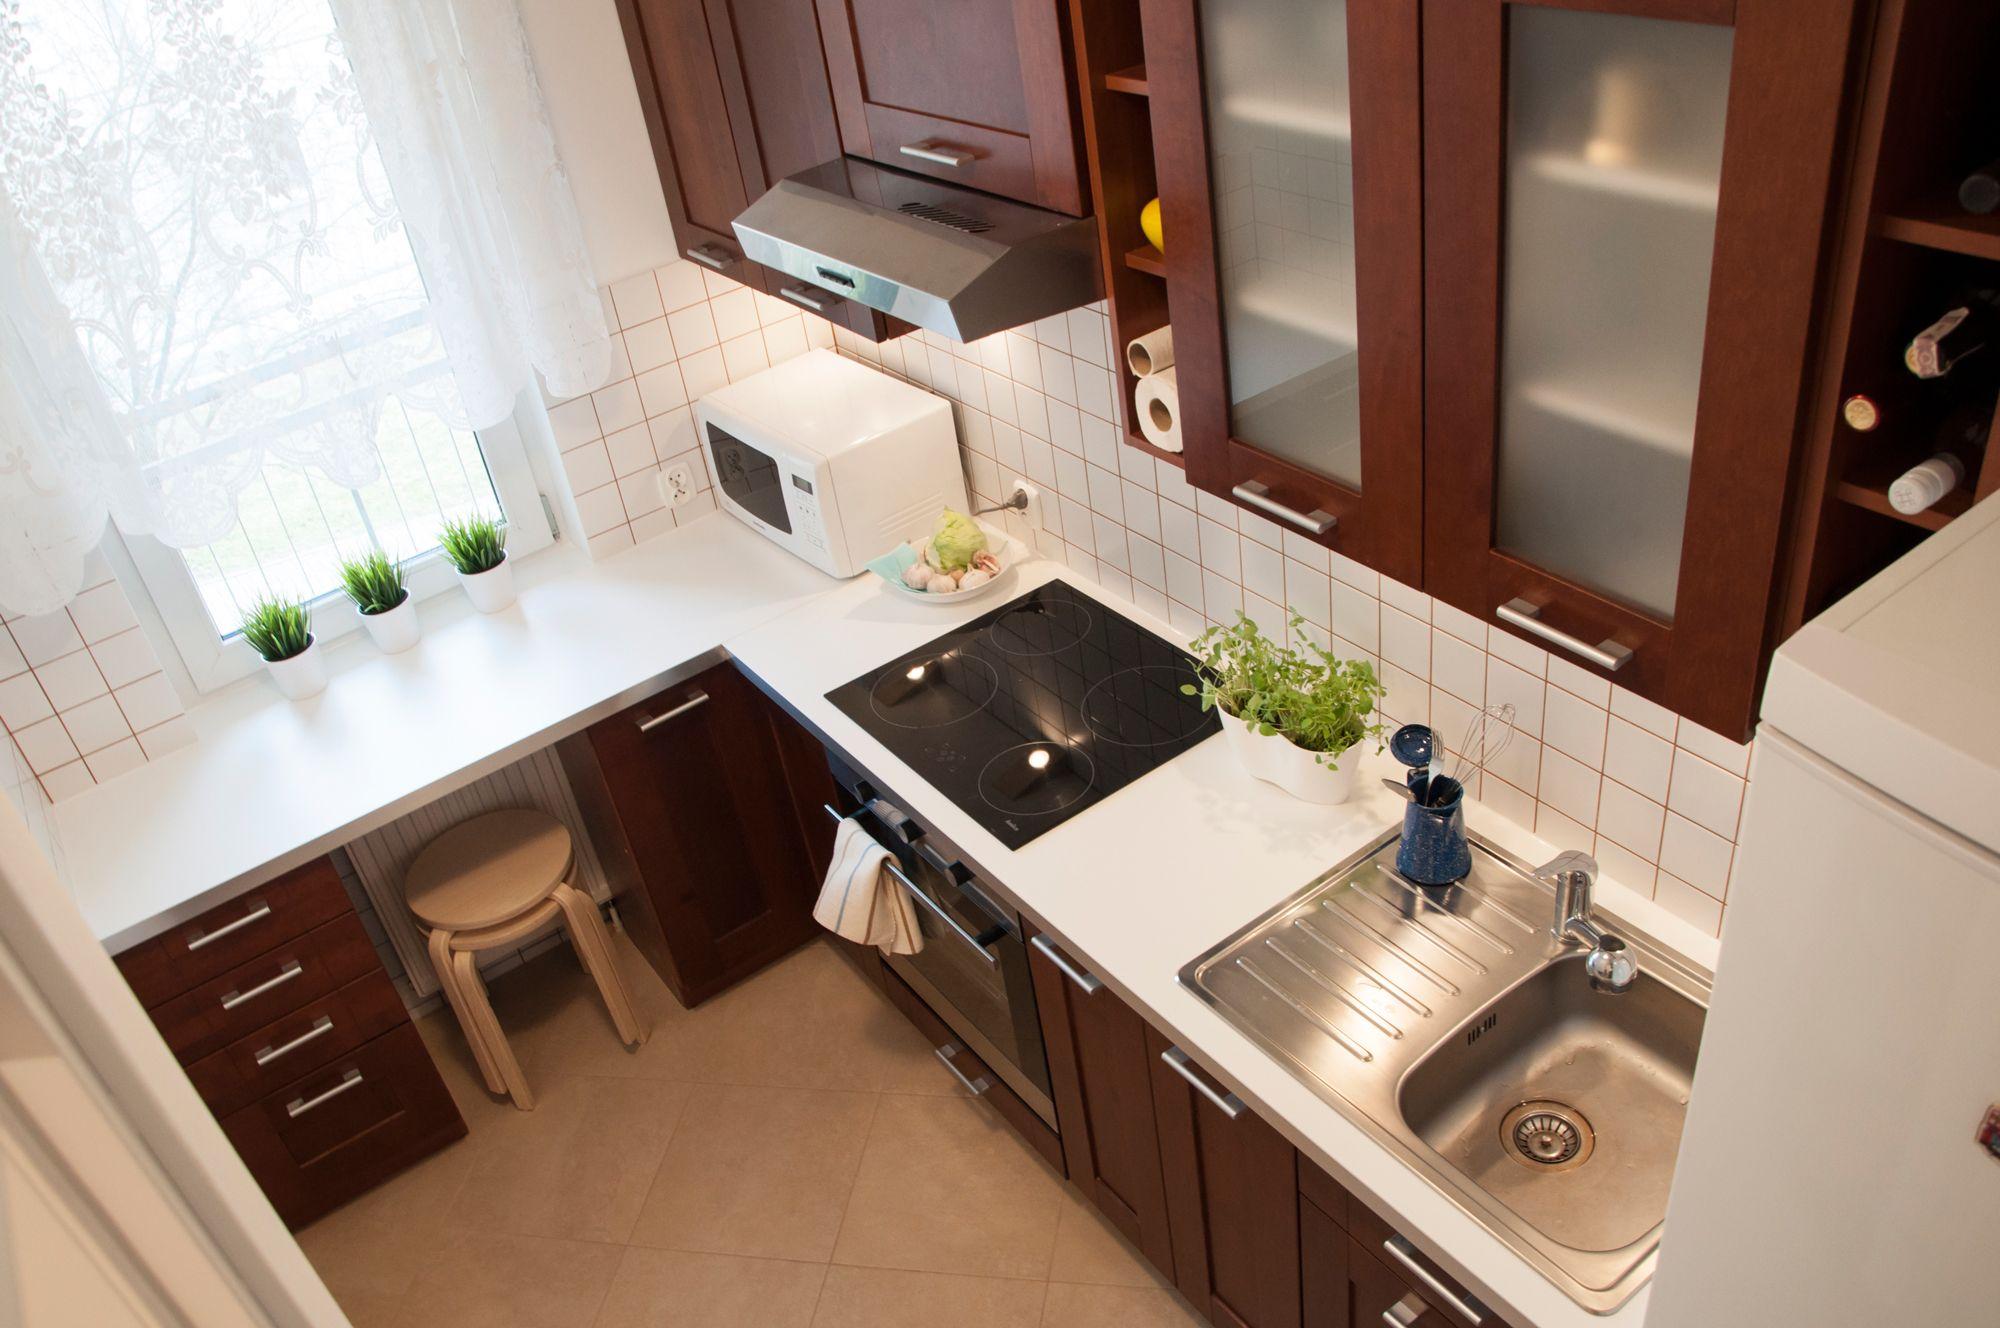 Metamorfoza Mieszkanie Pod Wynajem Home Decor Kitchen Cabinets Interior